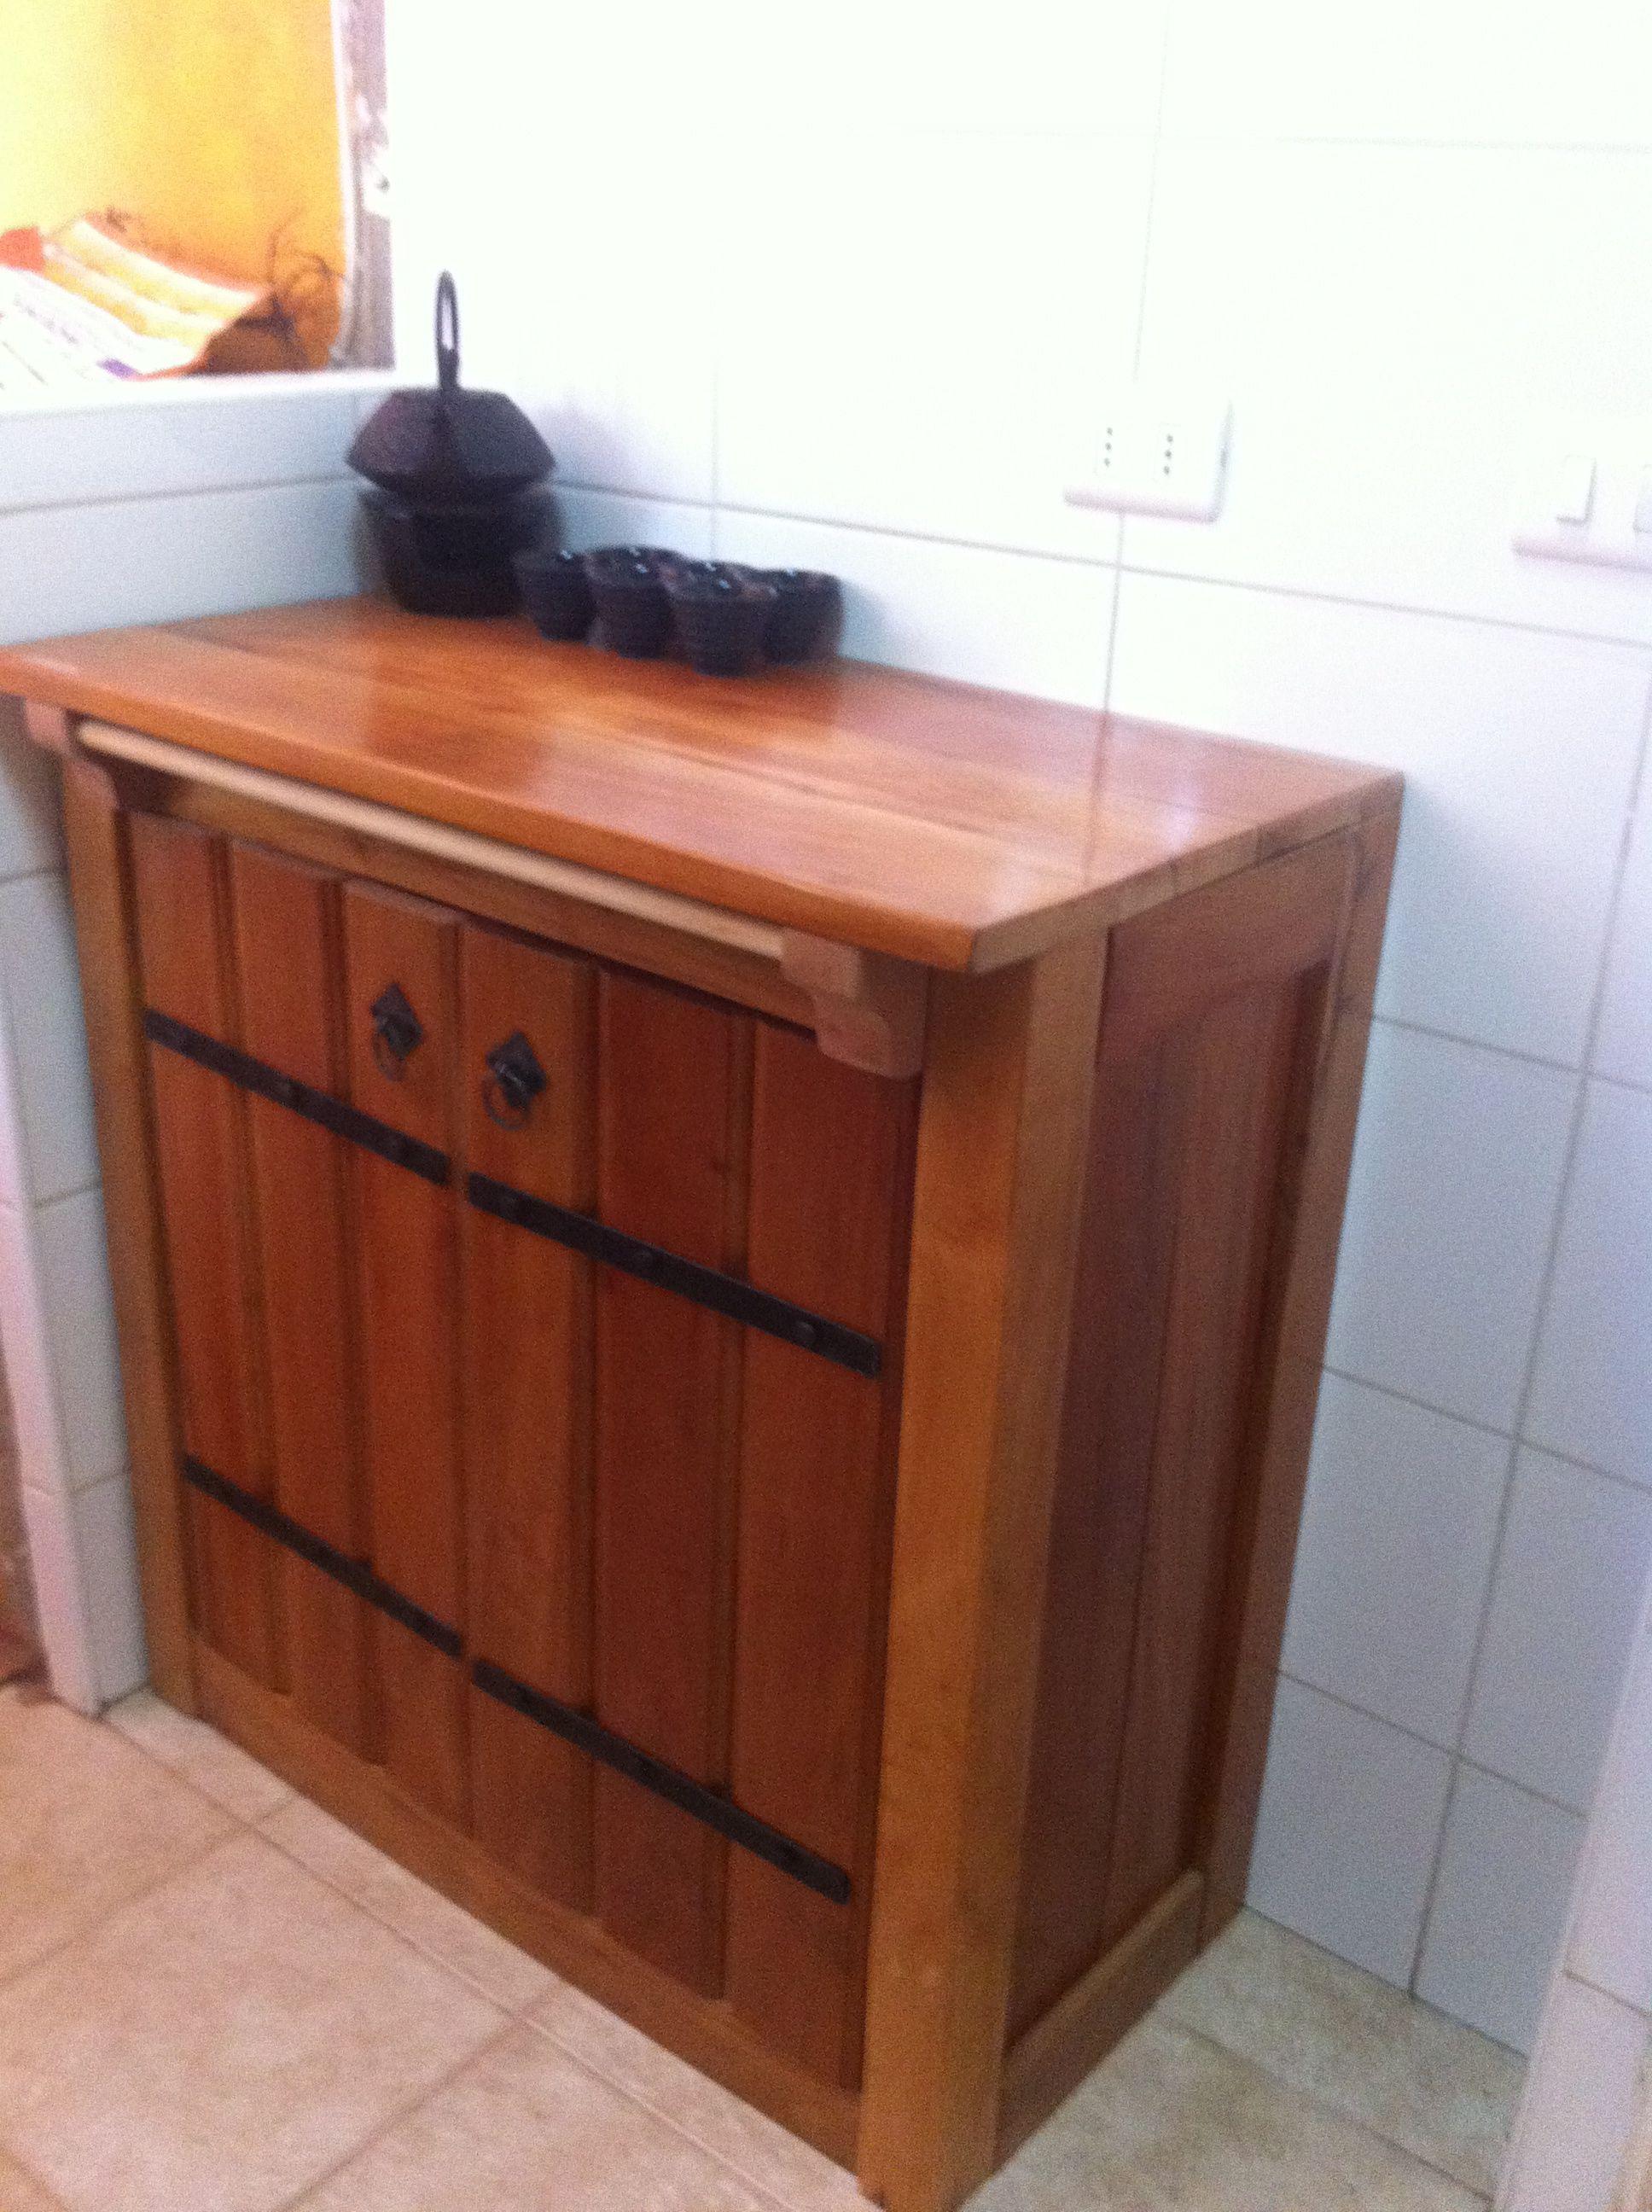 Mueble cocina hecho en madera de roble | Artesanias | Pinterest ...